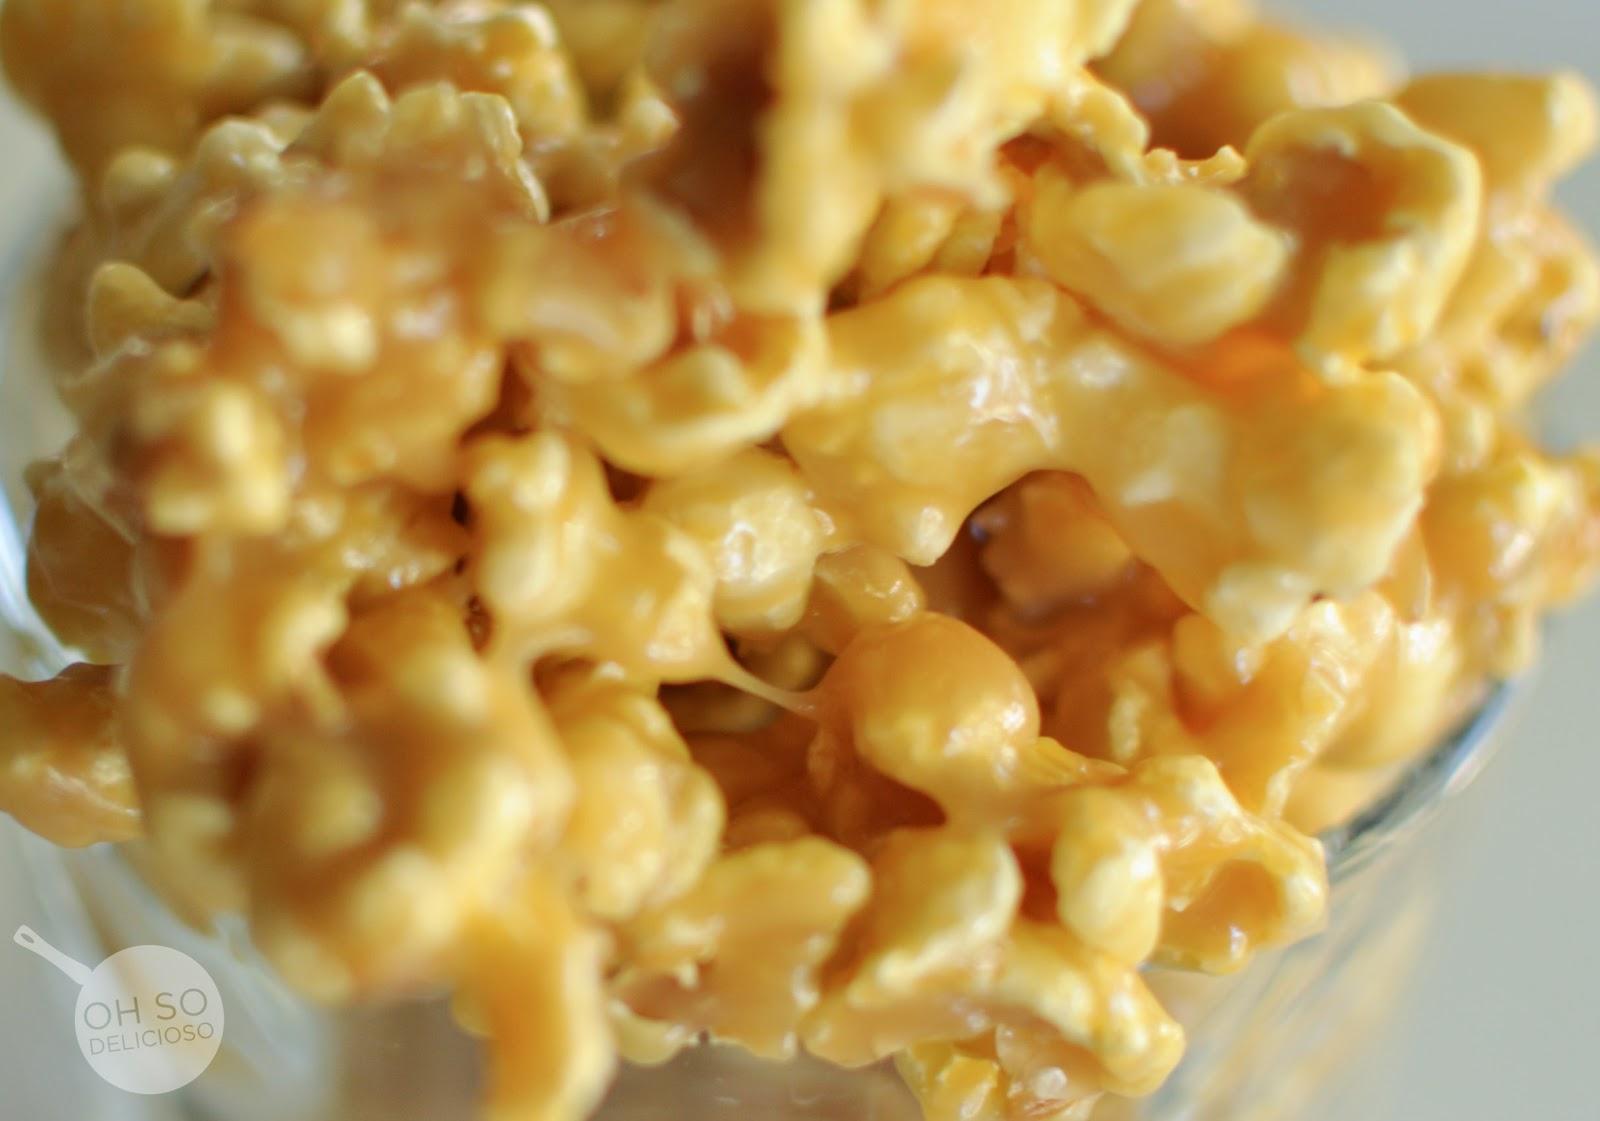 Oh SO Delicioso!: Doxey Caramel Popcorn